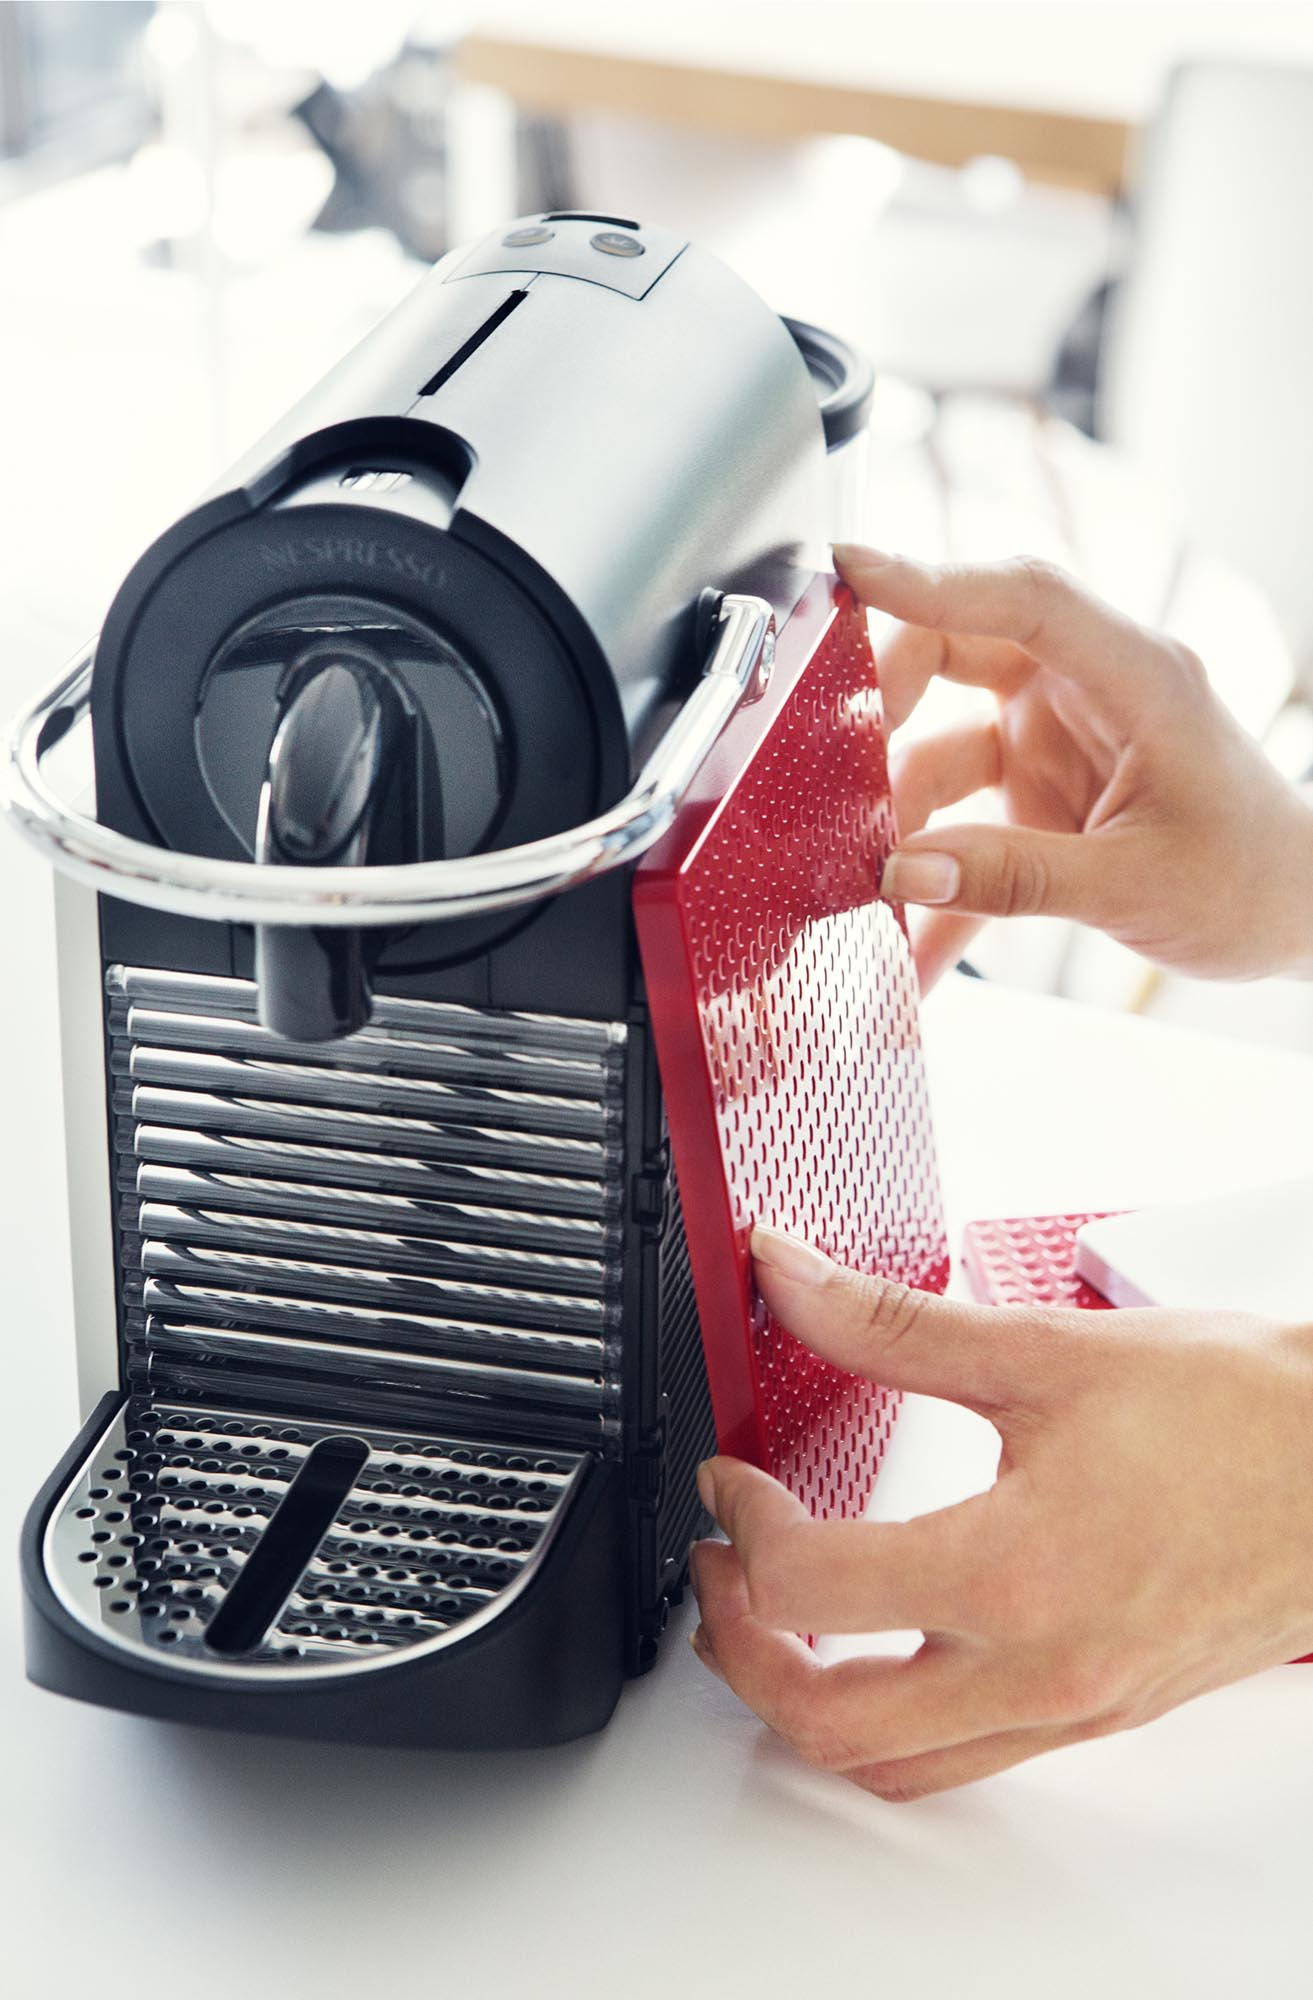 咖啡機都換殻  Nespresso Pixie Clips 學手機?